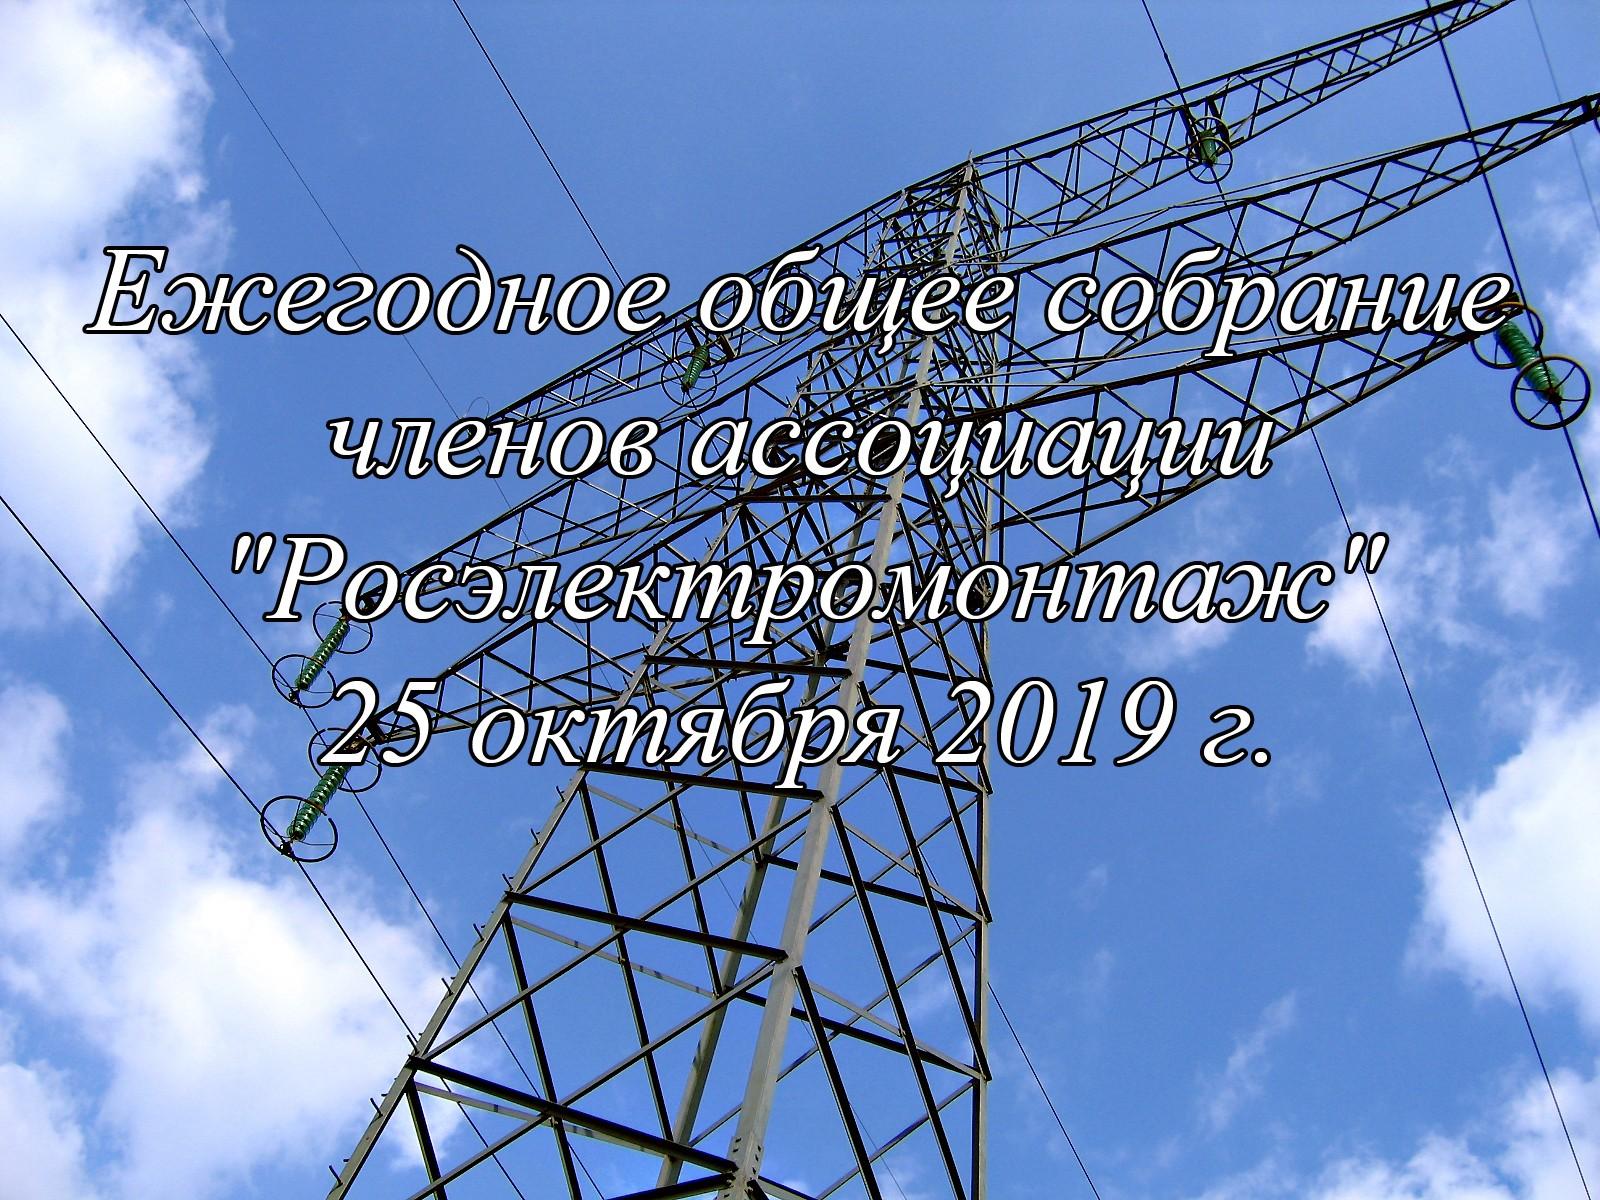 Ежегодное общее собрание членов ассоциации «Росэлектромонтаж» 25 октября 2019 г.